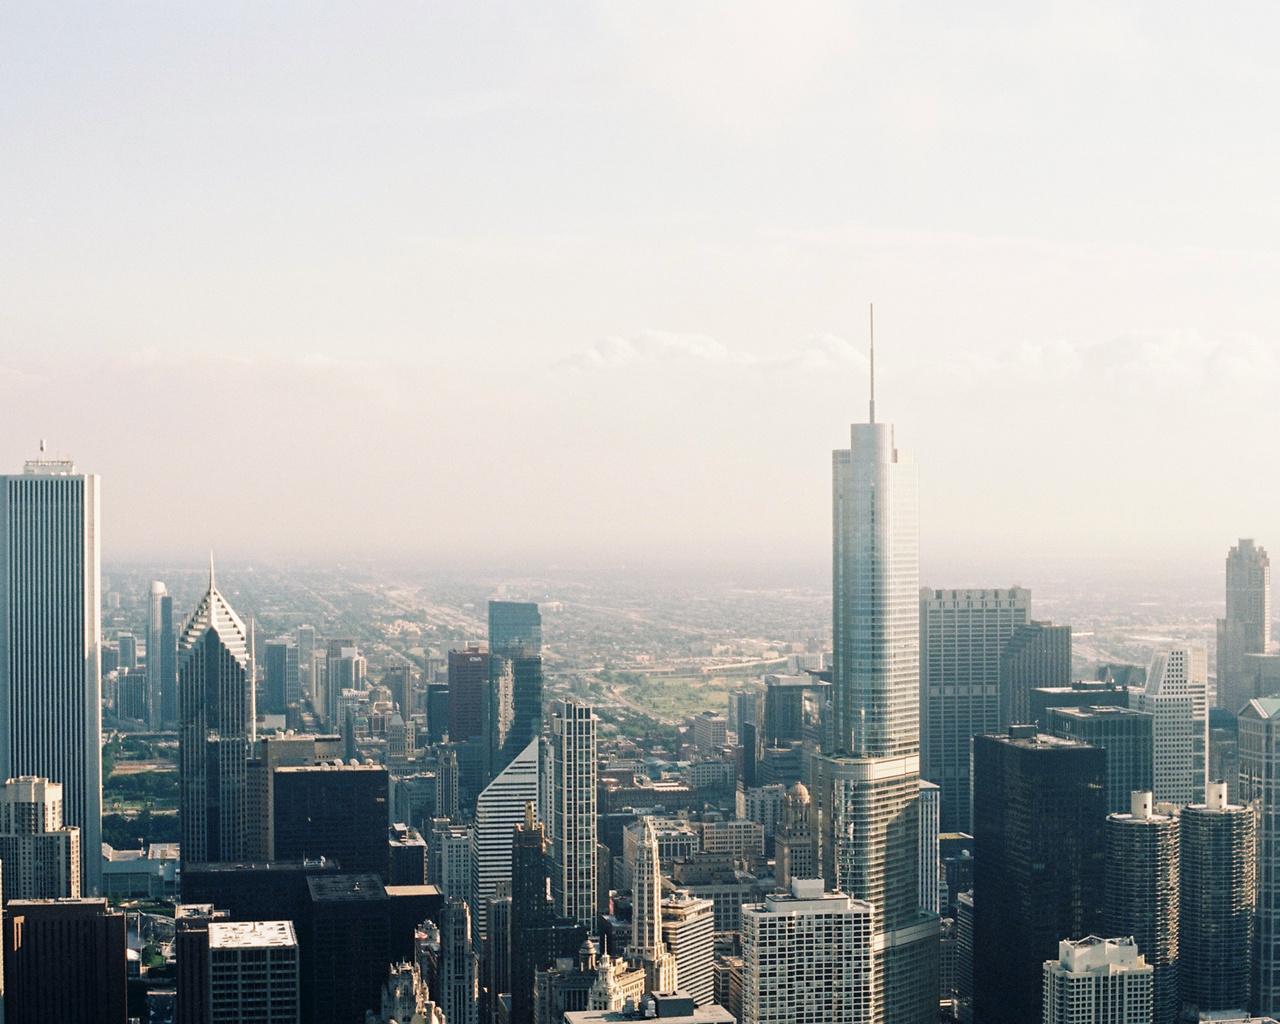 город, чикаго, небоскребы, вид сверху, здания, мегаполис